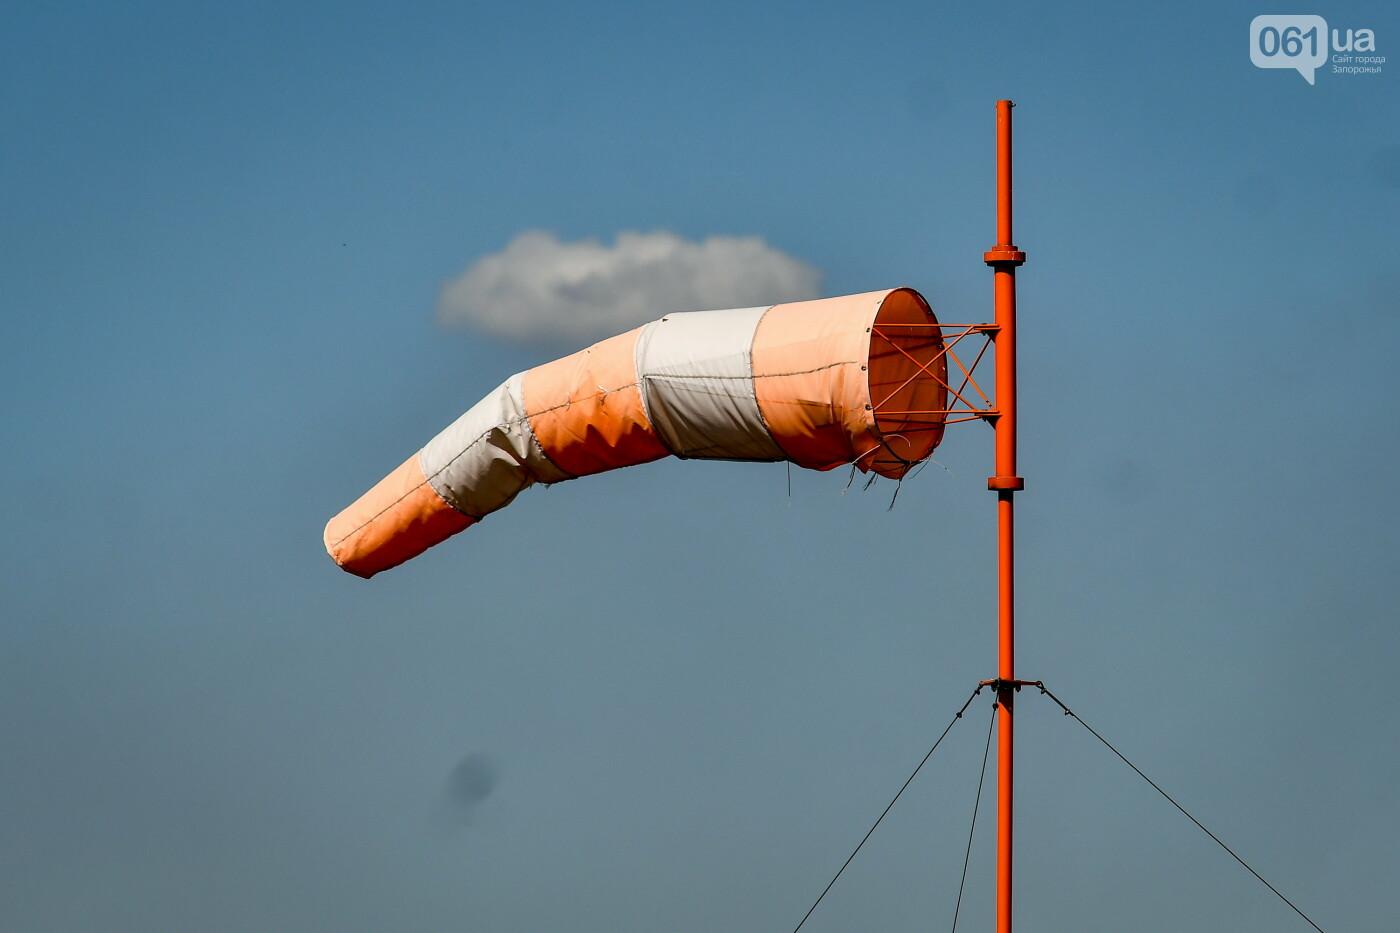 В Запорожье проходят соревнования по вертолетному спорту, - ФОТОРЕПОРТАЖ, фото-34